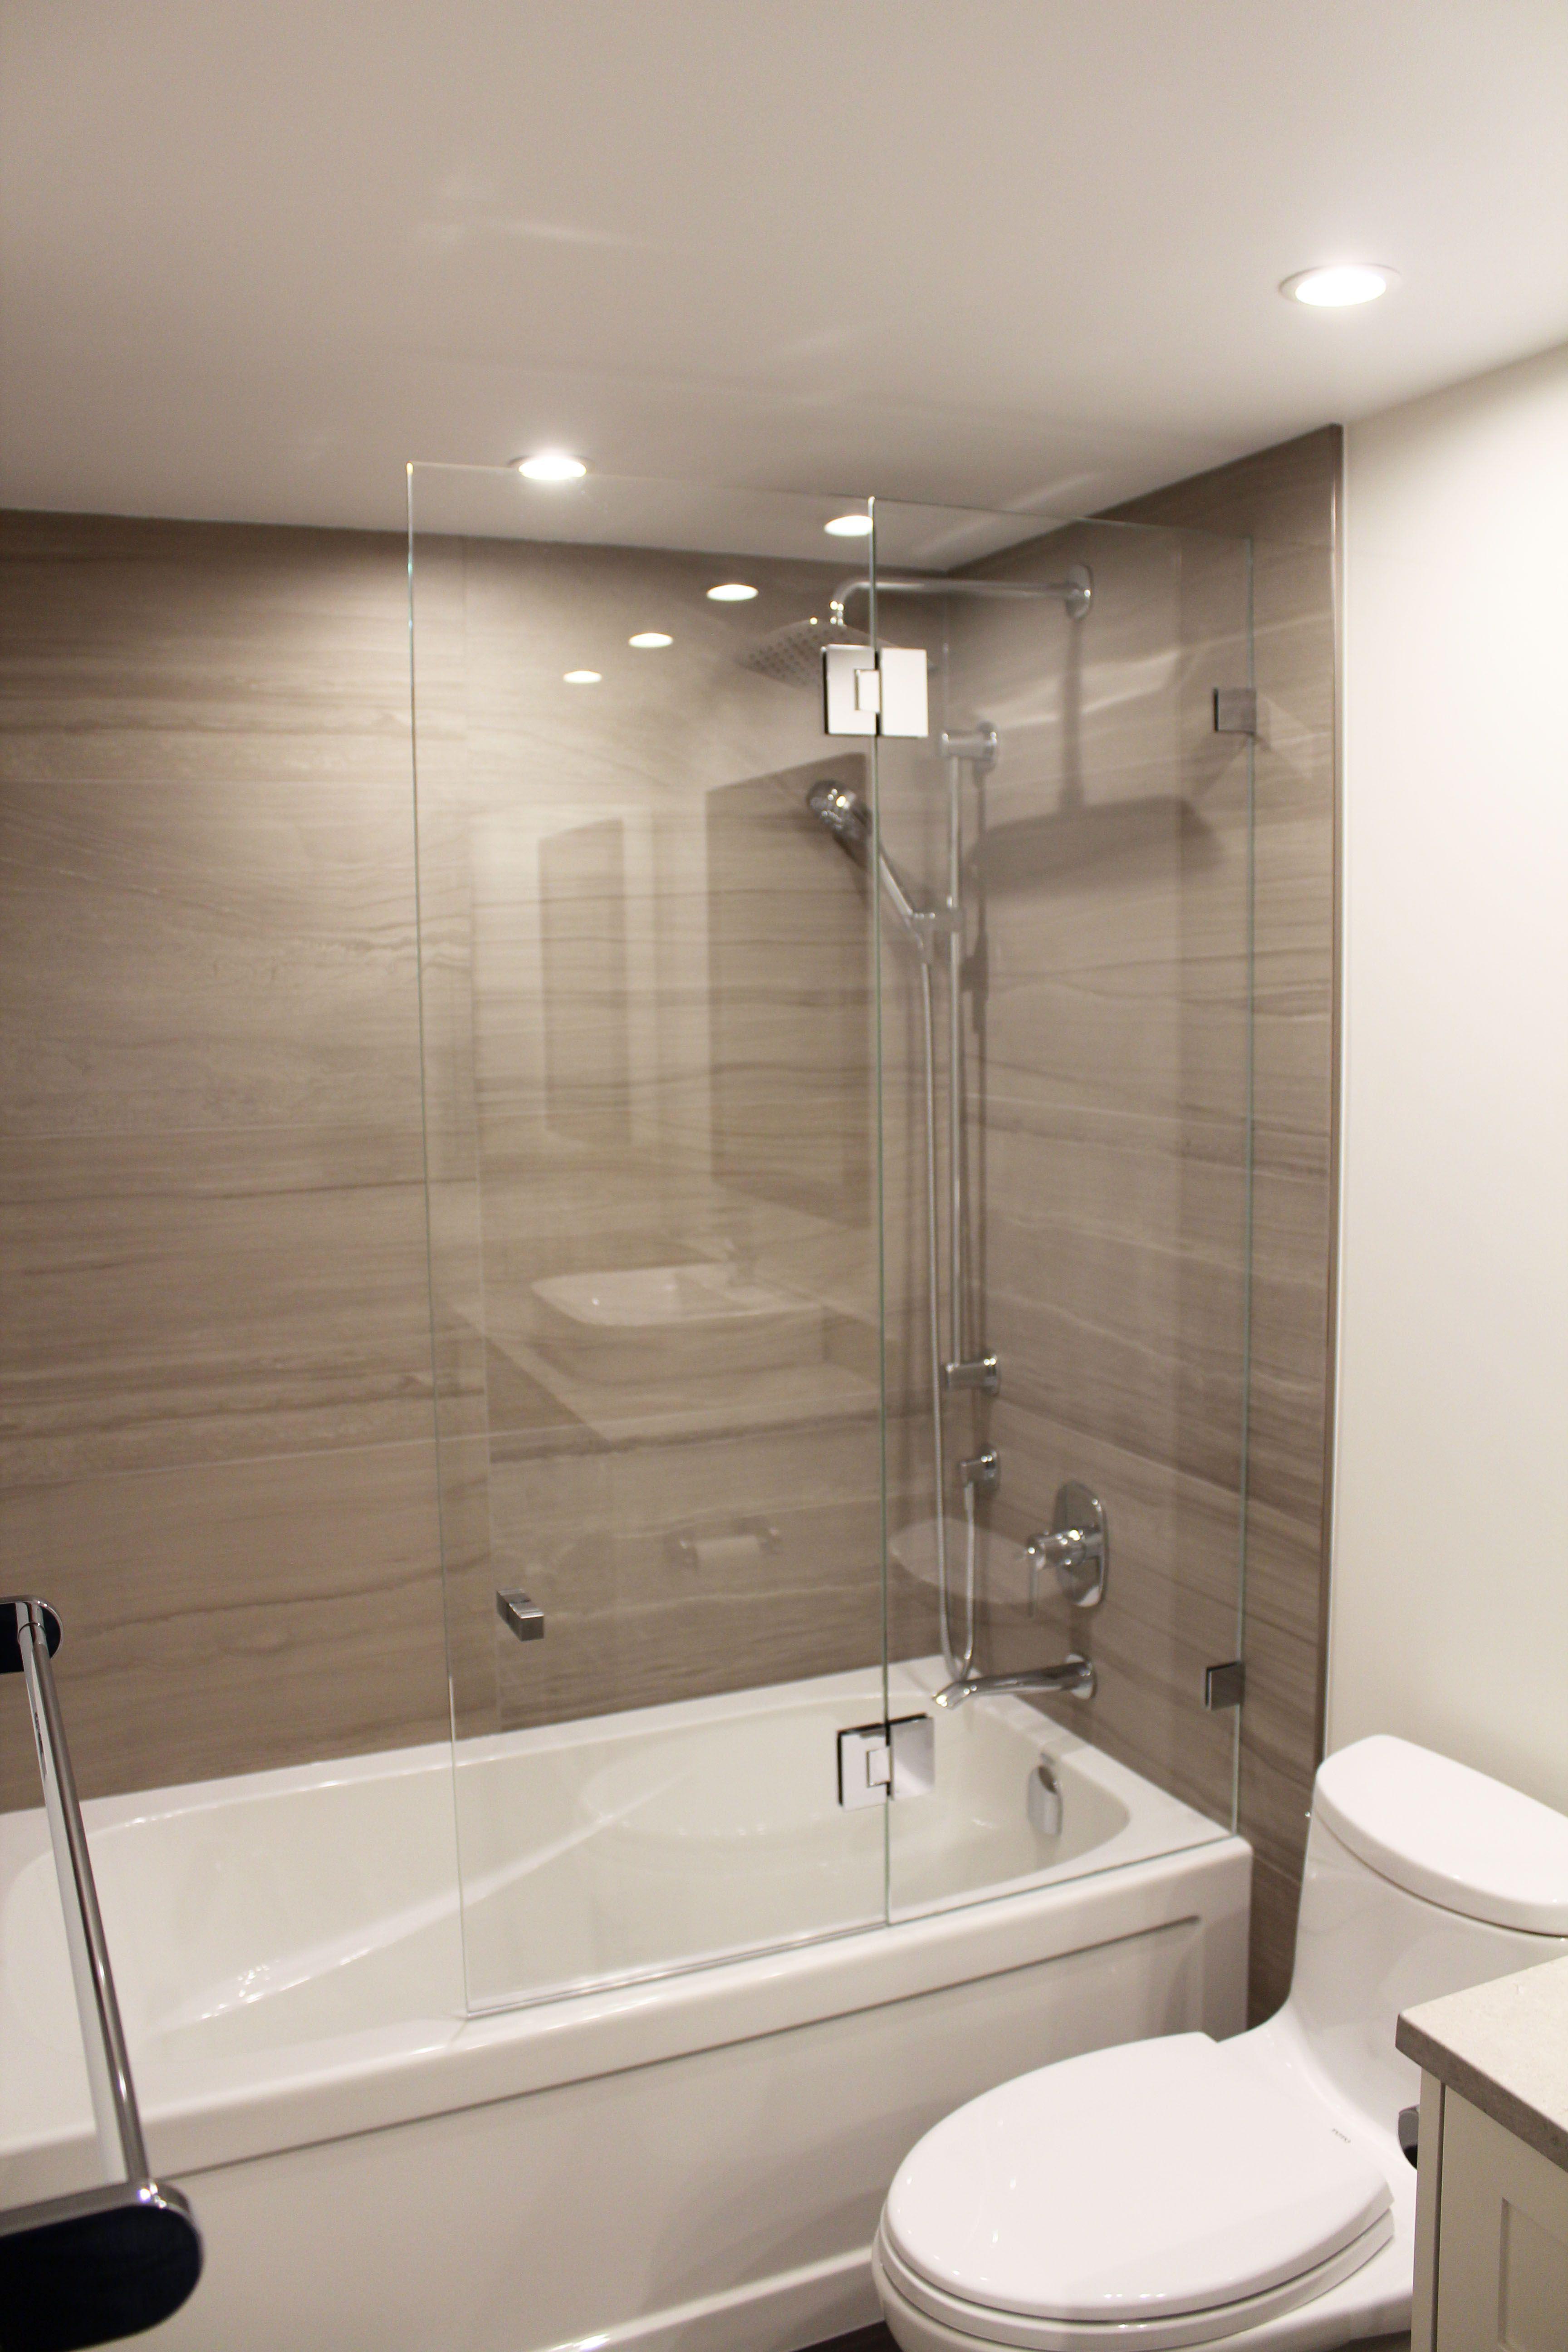 12 Dusche Tur Kosten Badewanne Rahmenlose Turen Benutzerdefinierte Wohnung Badezimmer Badezimmer Klein Kleines Bad Mit Dusche